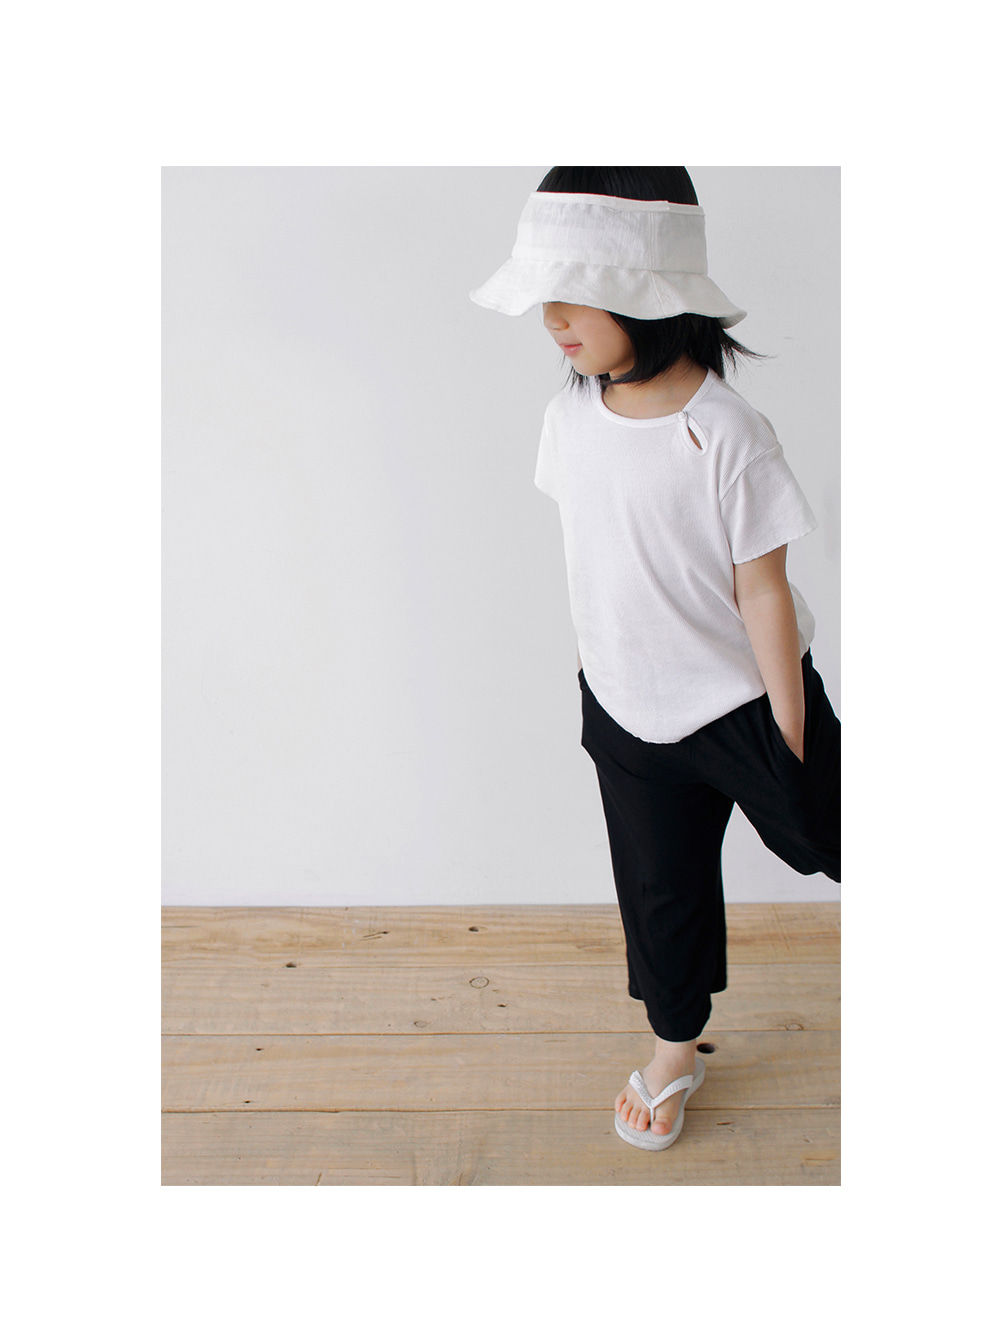 BIEN A BIEN - Korean Children Fashion - #Kfashion4kids - Round Bucket Hat